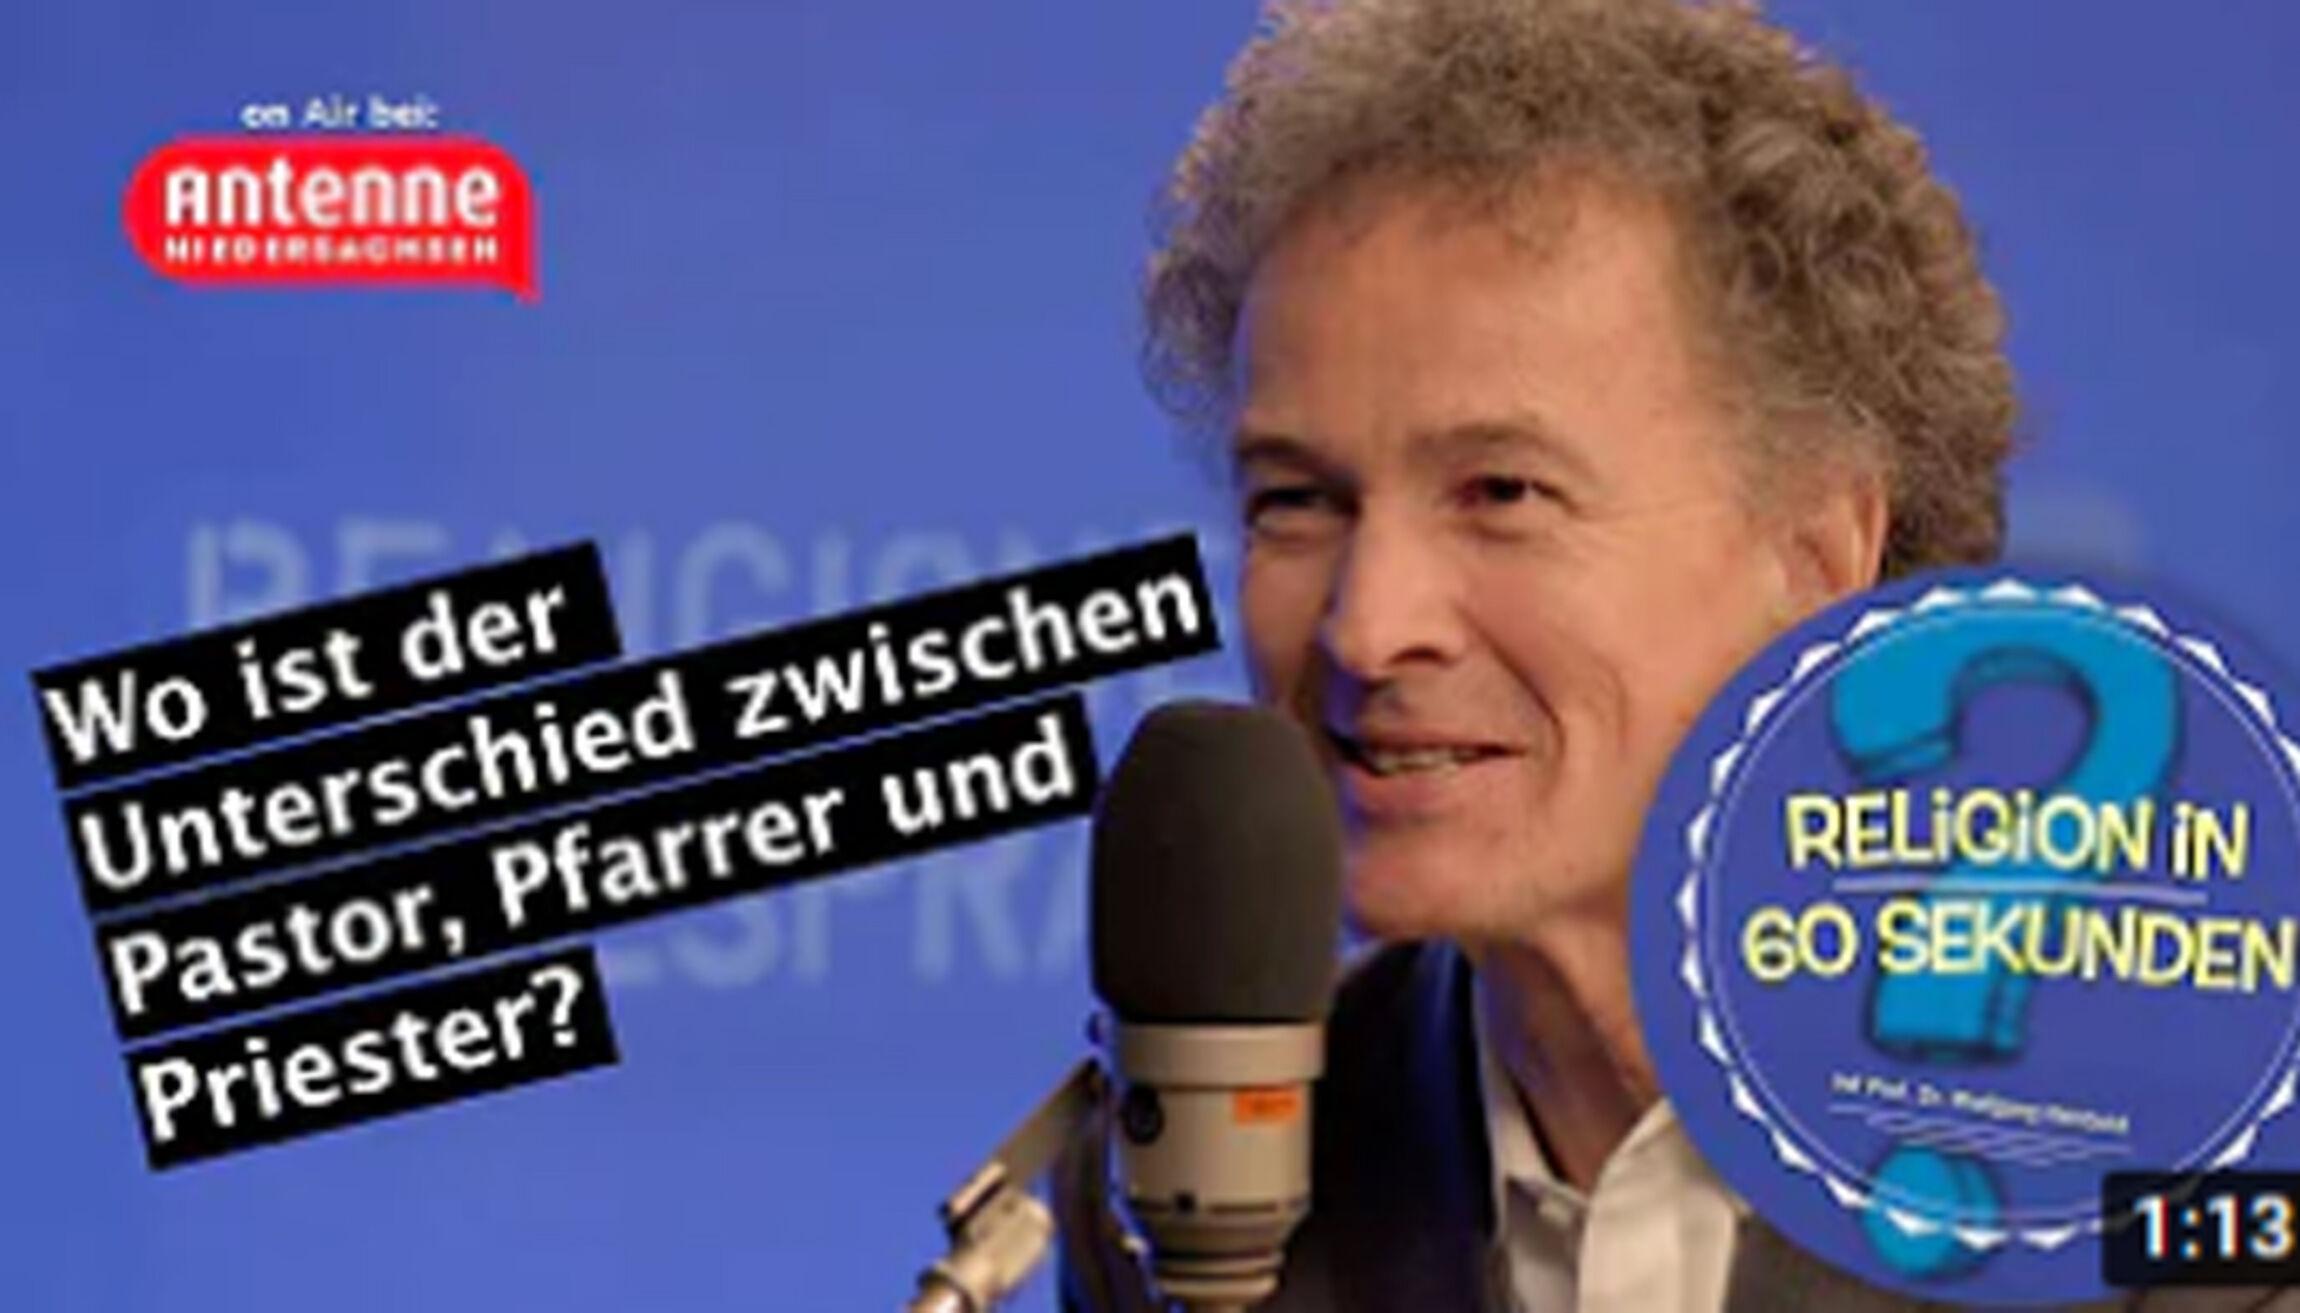 21-06-rel-60-sek-Pastor-Pfarrer-Priester